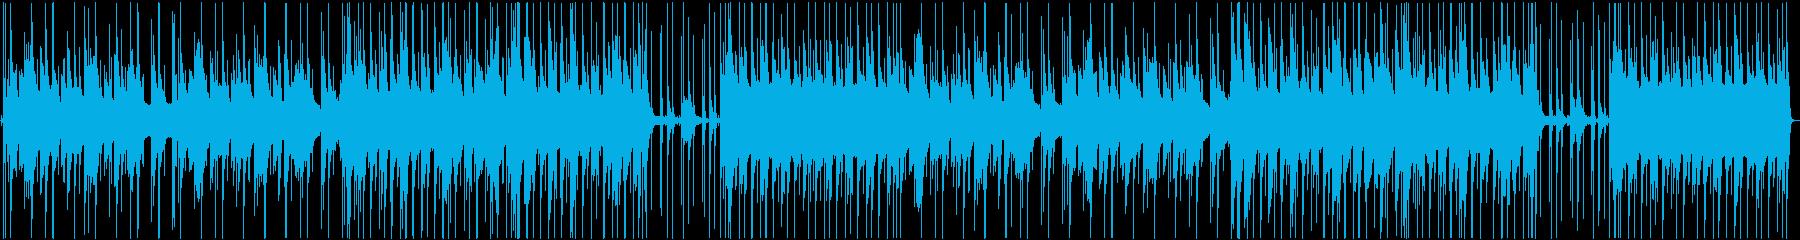 ピアノ・ドラム・ベースのバラードの再生済みの波形